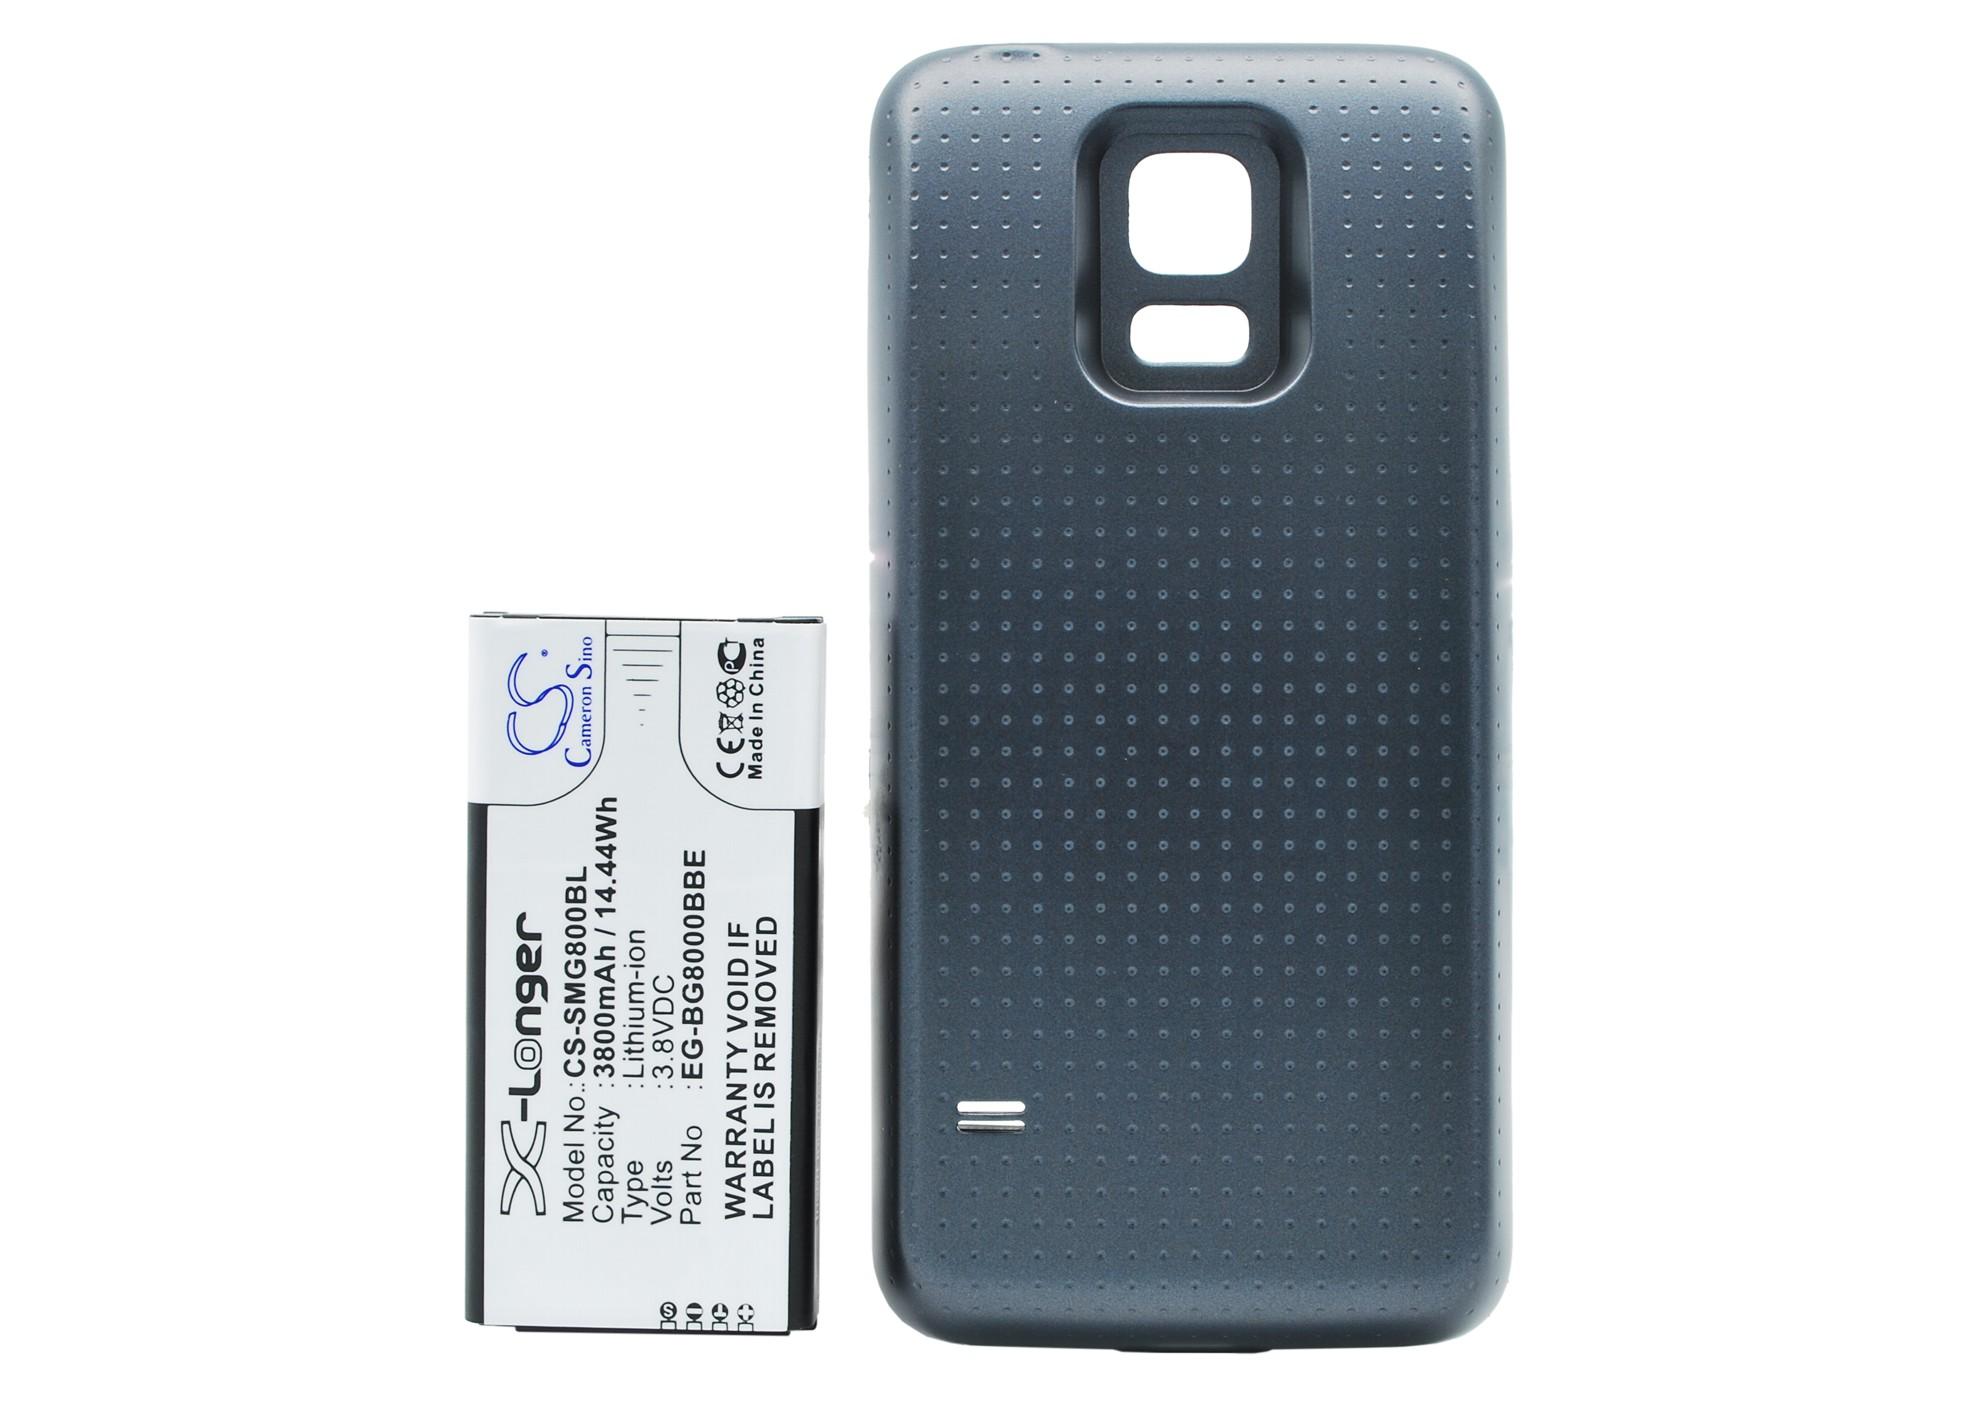 Cameron Sino baterie do mobilů za EG-BG800BBE 3.8V Li-ion 3800mAh černá - neoriginální